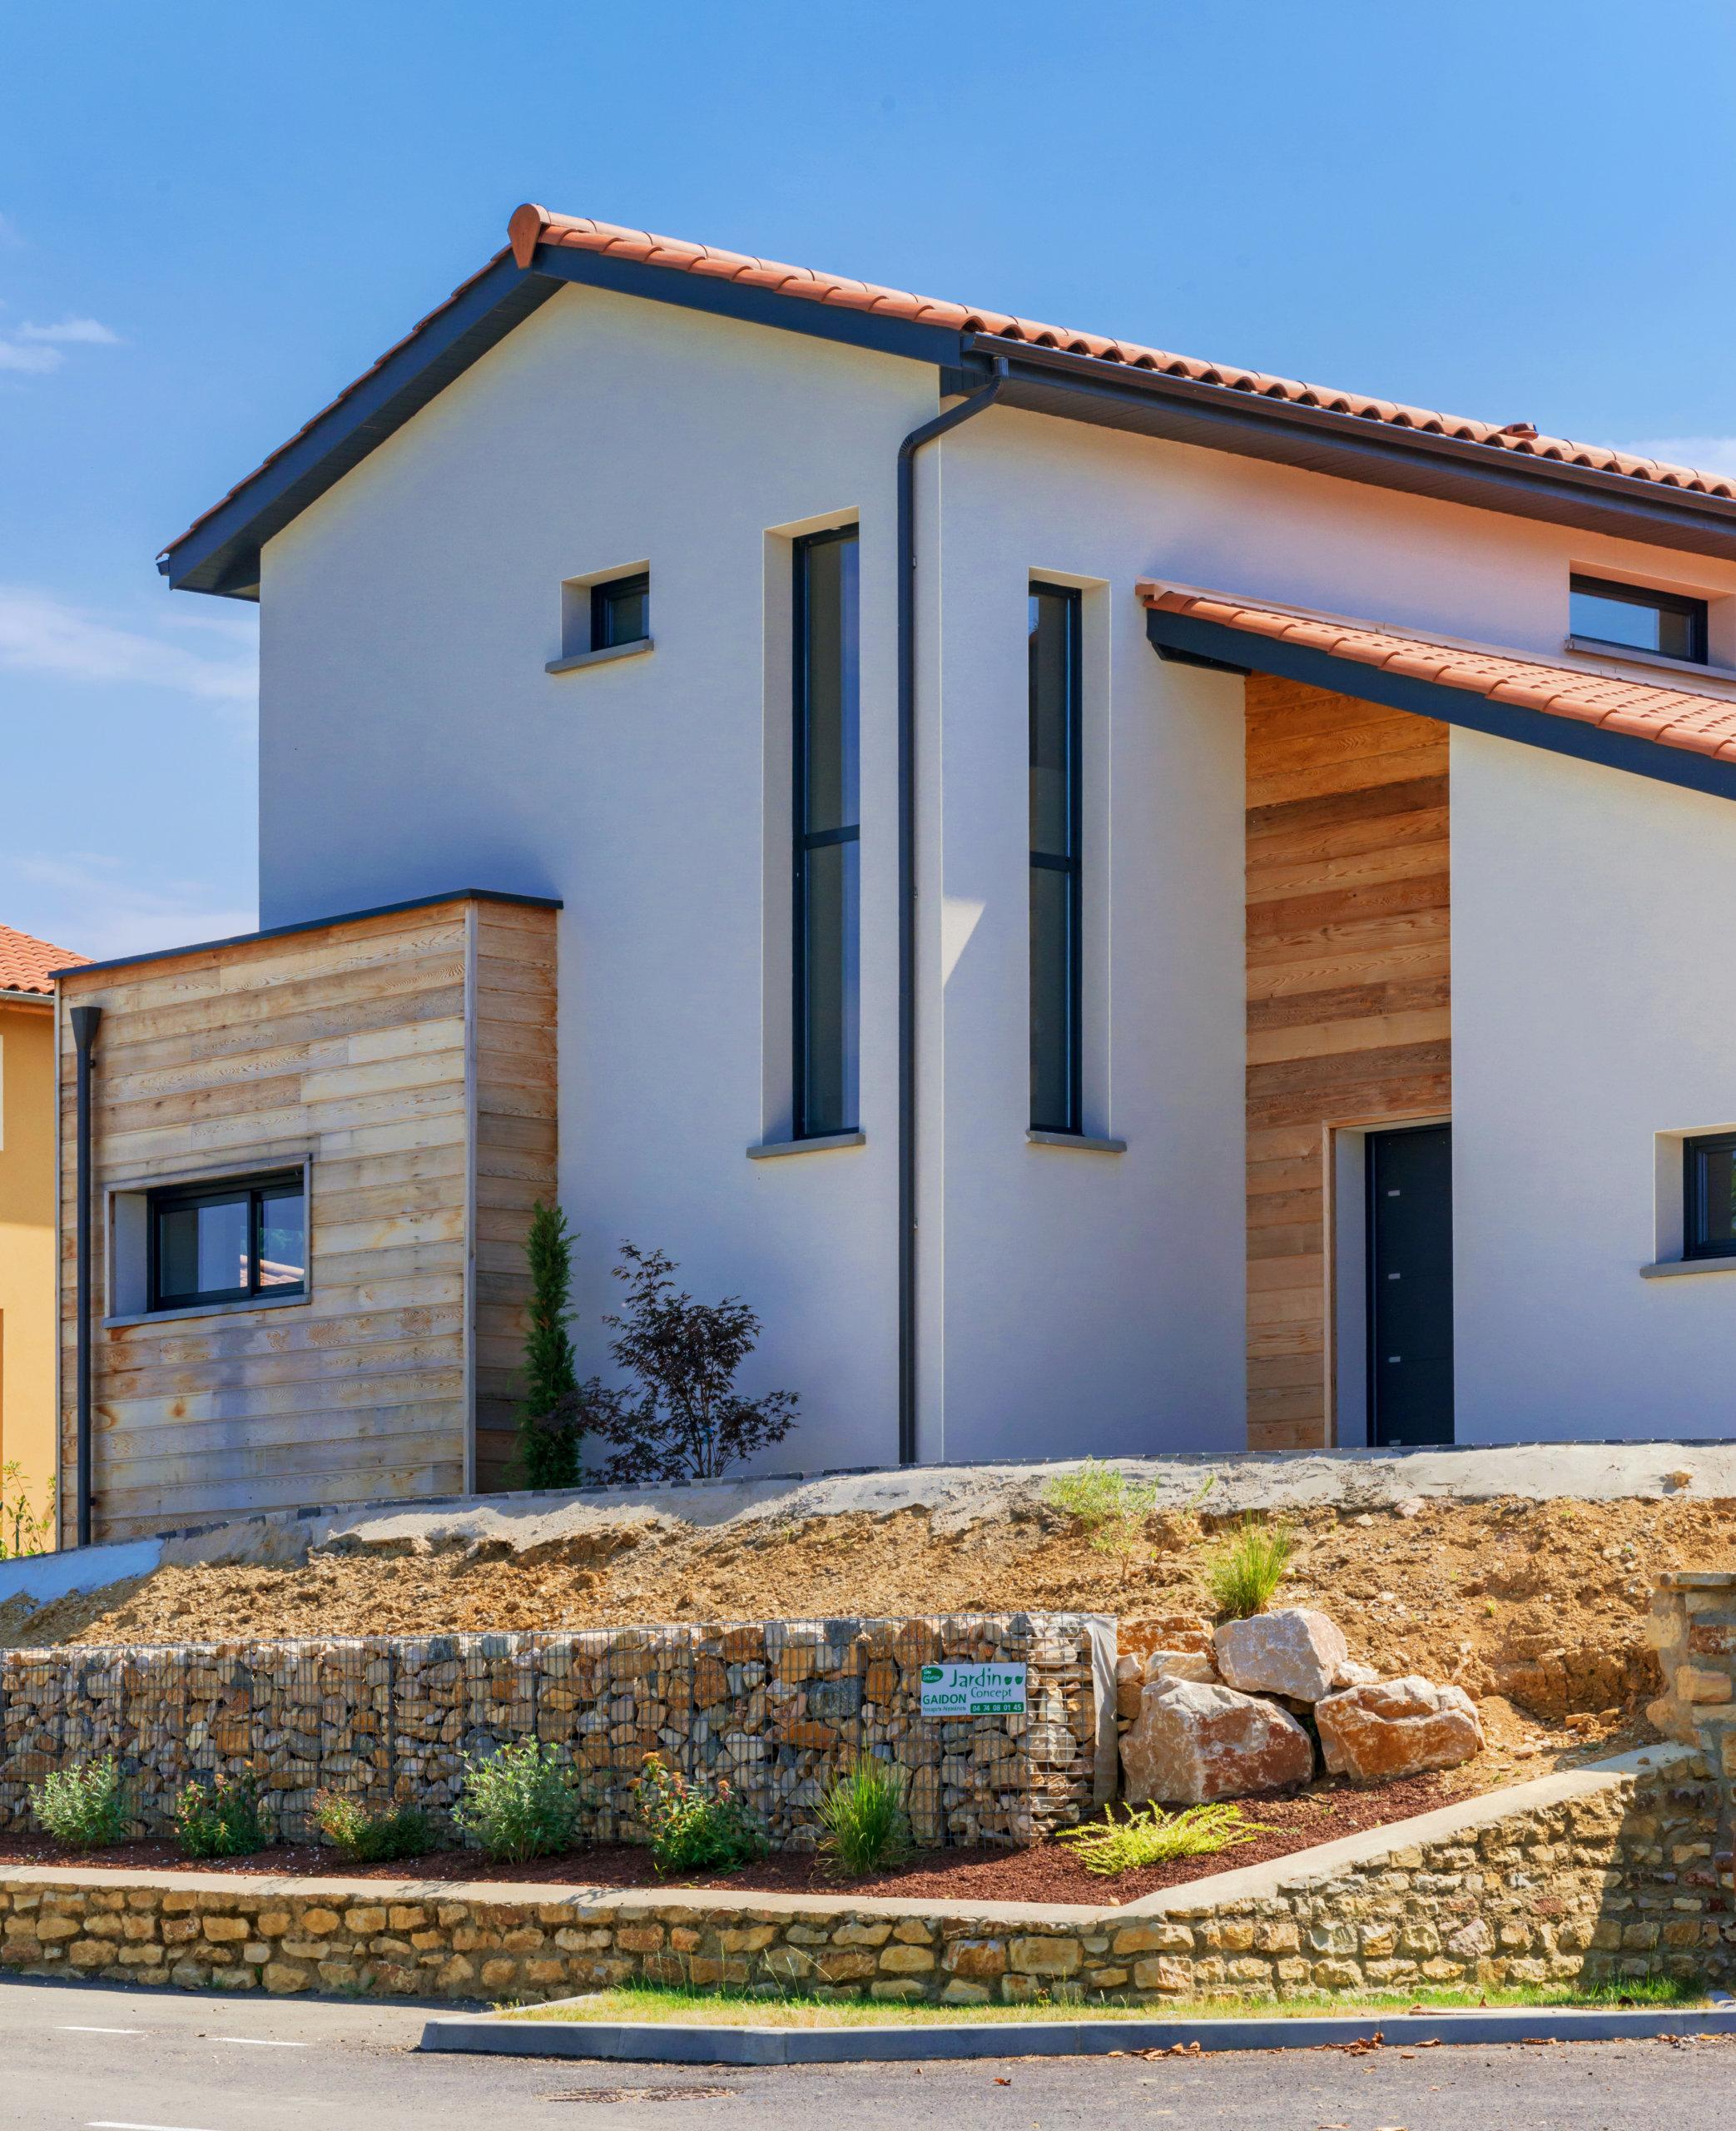 construire-maison-bioclimatique-lyon